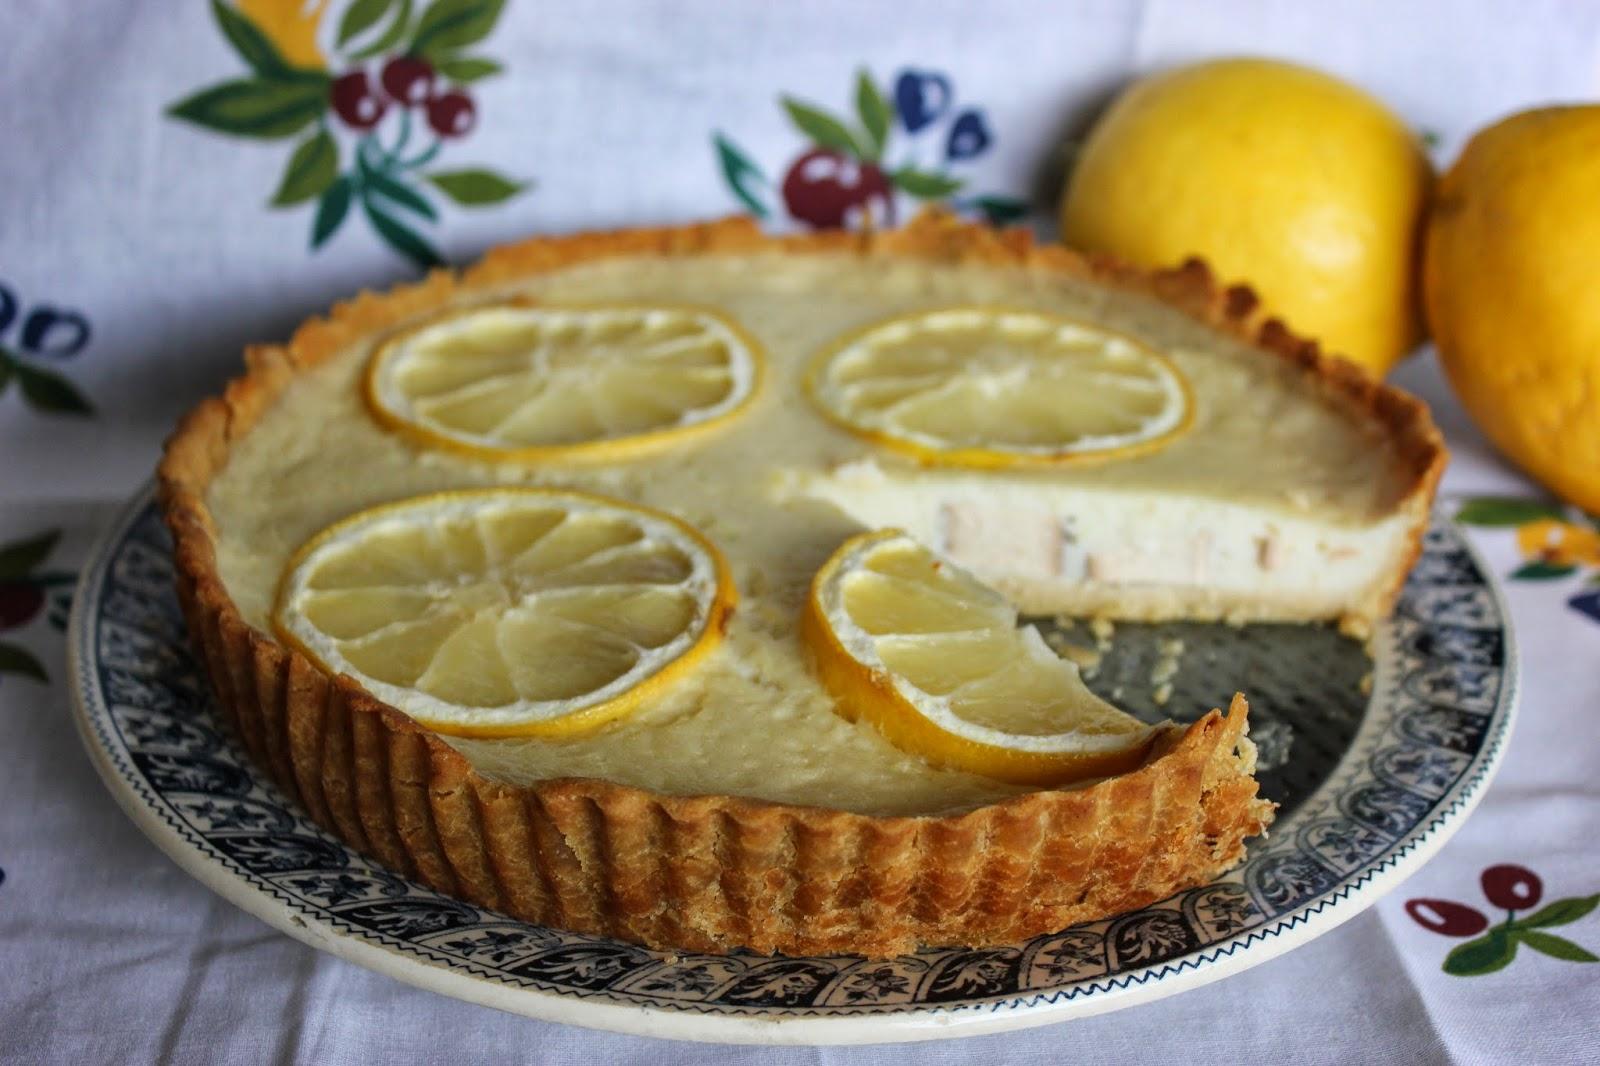 https://cuillereetsaladier.blogspot.com/2014/03/tarte-au-citronsalee.html